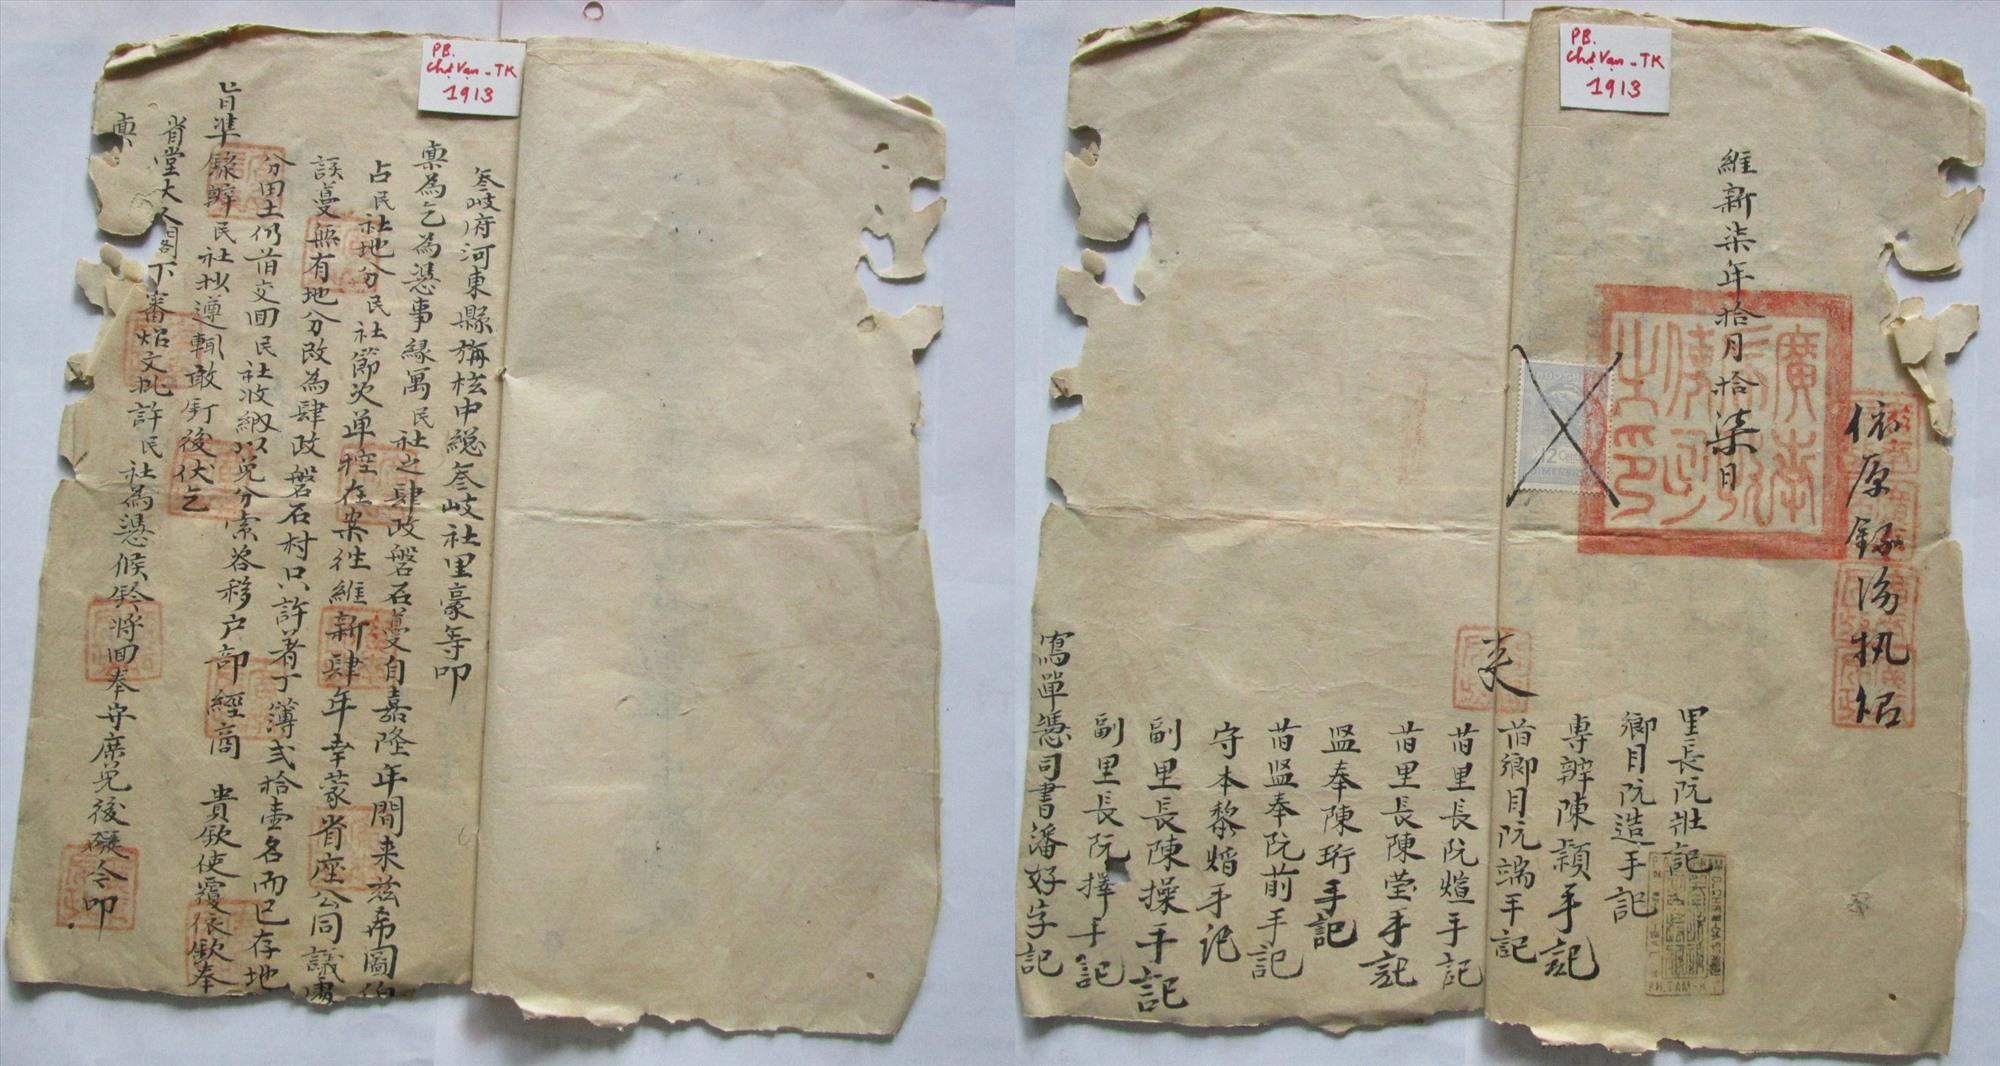 Mặt A và B tờ đơn năm 1913 của dân xã Tam Kỳ khiếu nại dân thôn Tứ Bàn có đóng dấu triện của Ty Bố chính sứ tỉnh Quảng Nam. Ảnh: PHÚ BÌNH